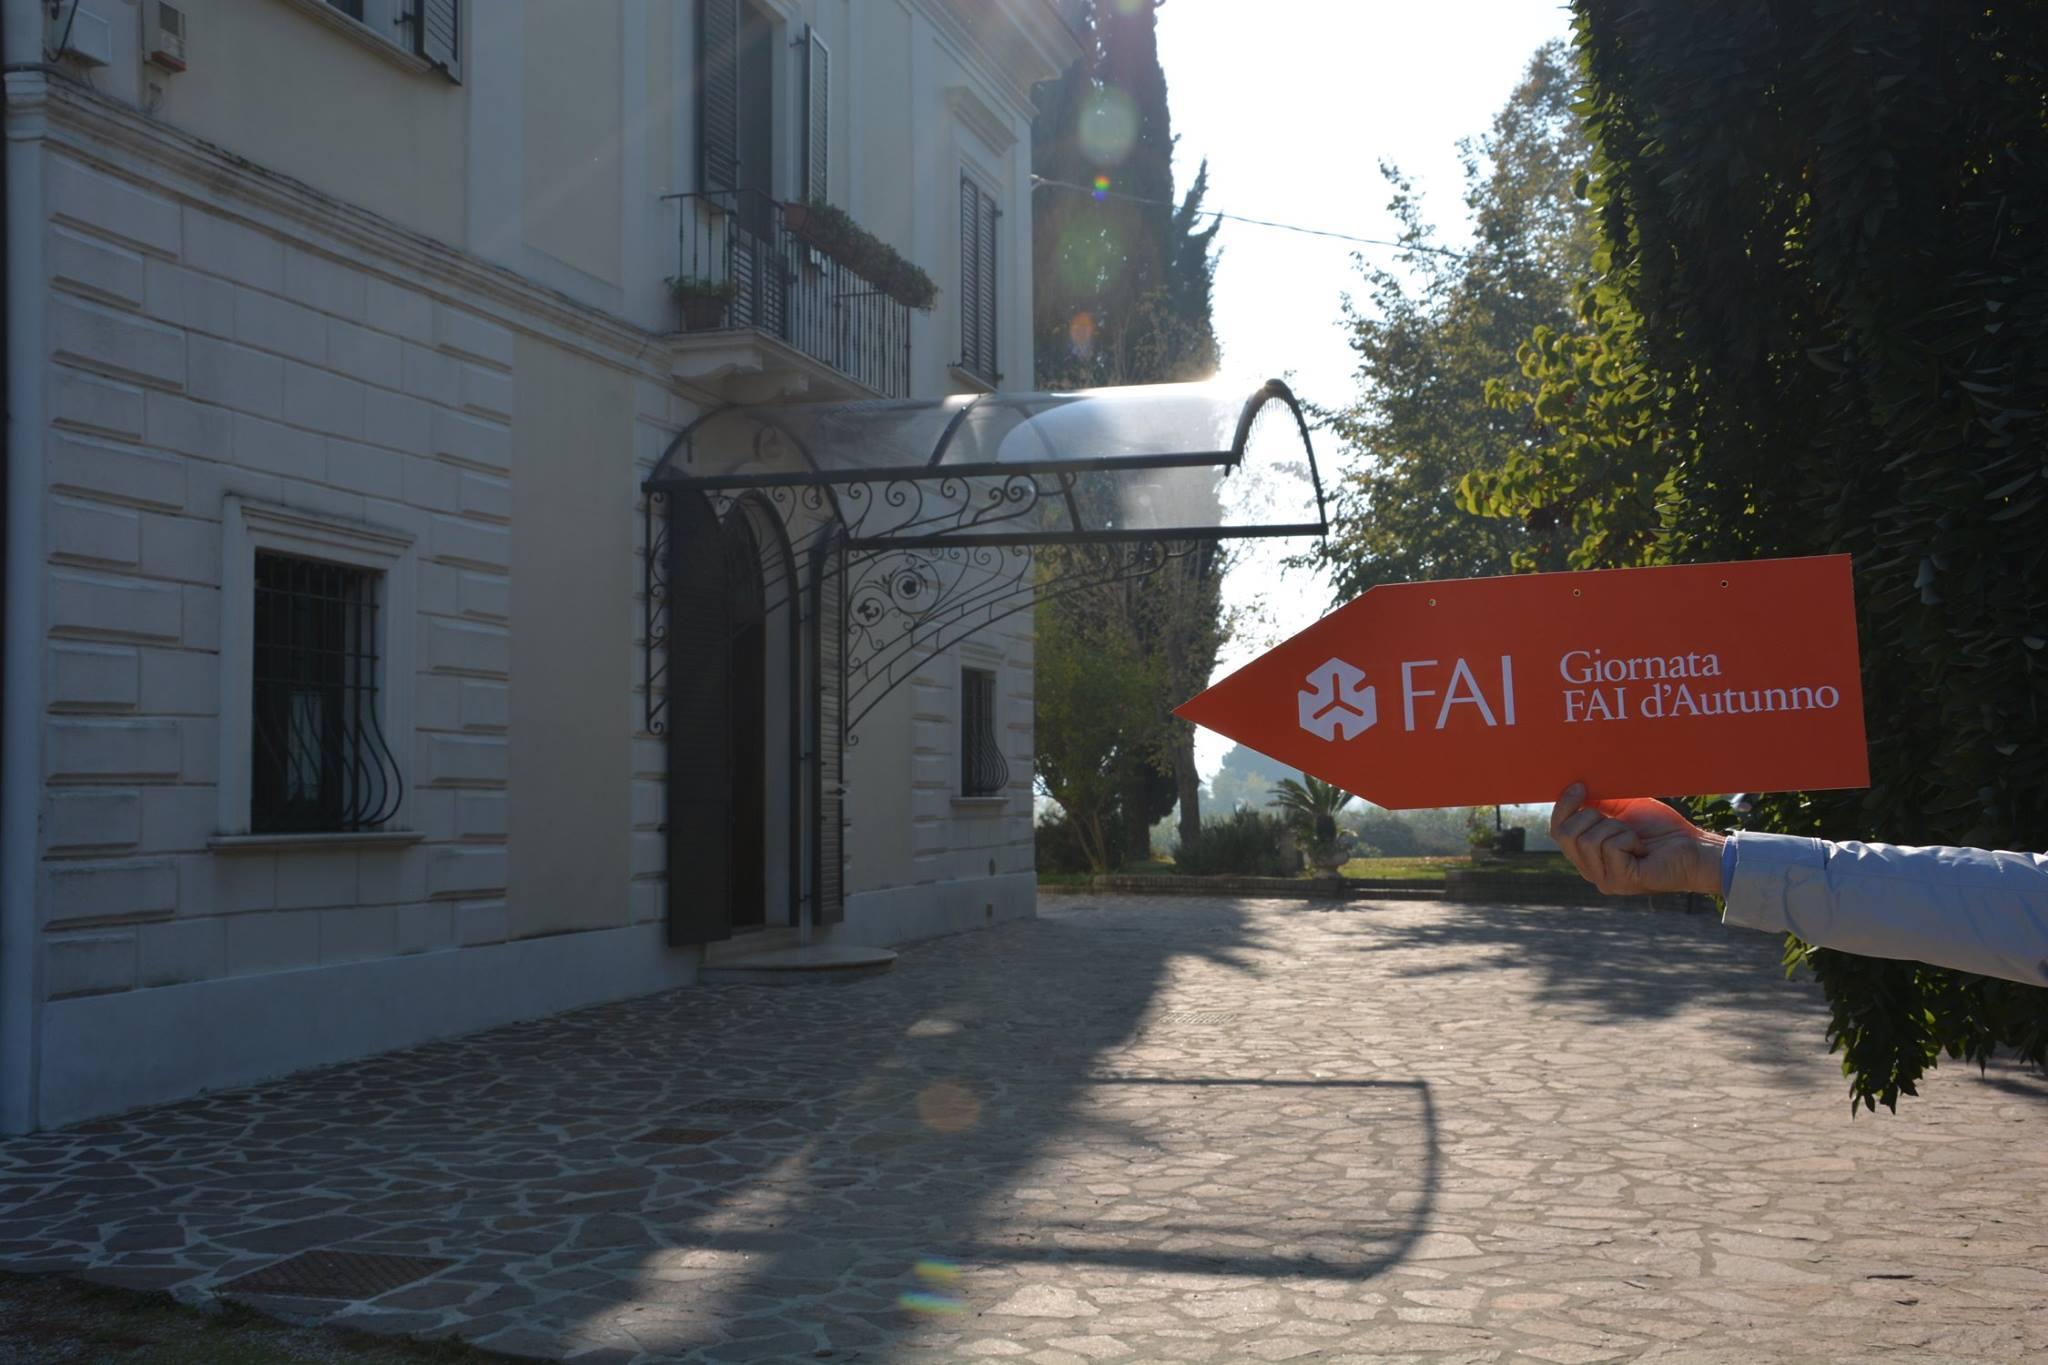 Giulianova. Oltre 1200 visitatori nelle Giornate FAI d'Autunno